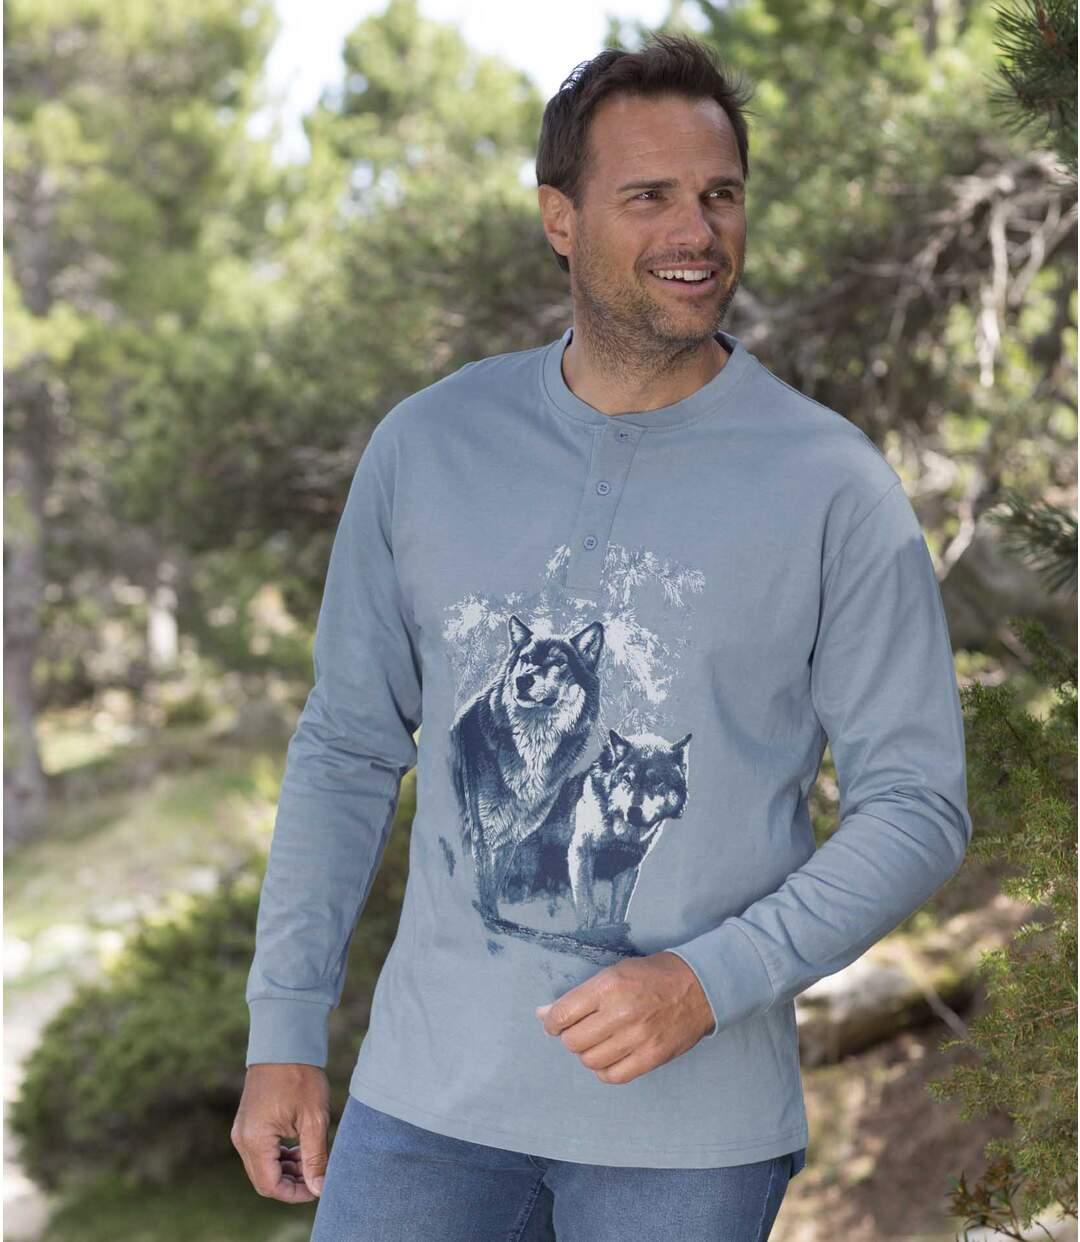 Sada 2 triček spotiskem vlků